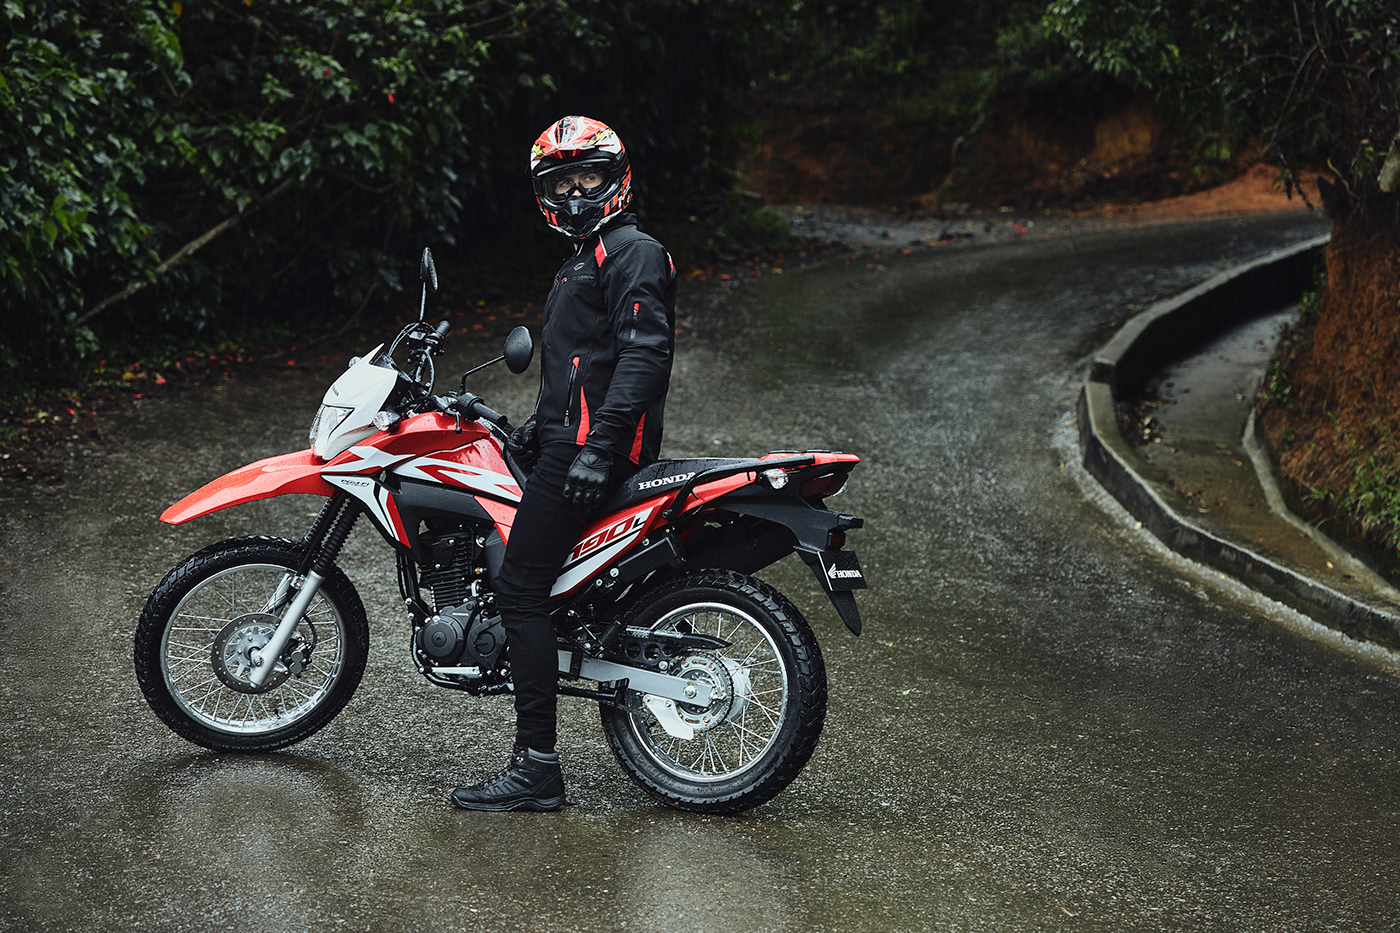 Honda Honda Motorcycles Honda Motos motorcycle motorcycles Offroad xr190l